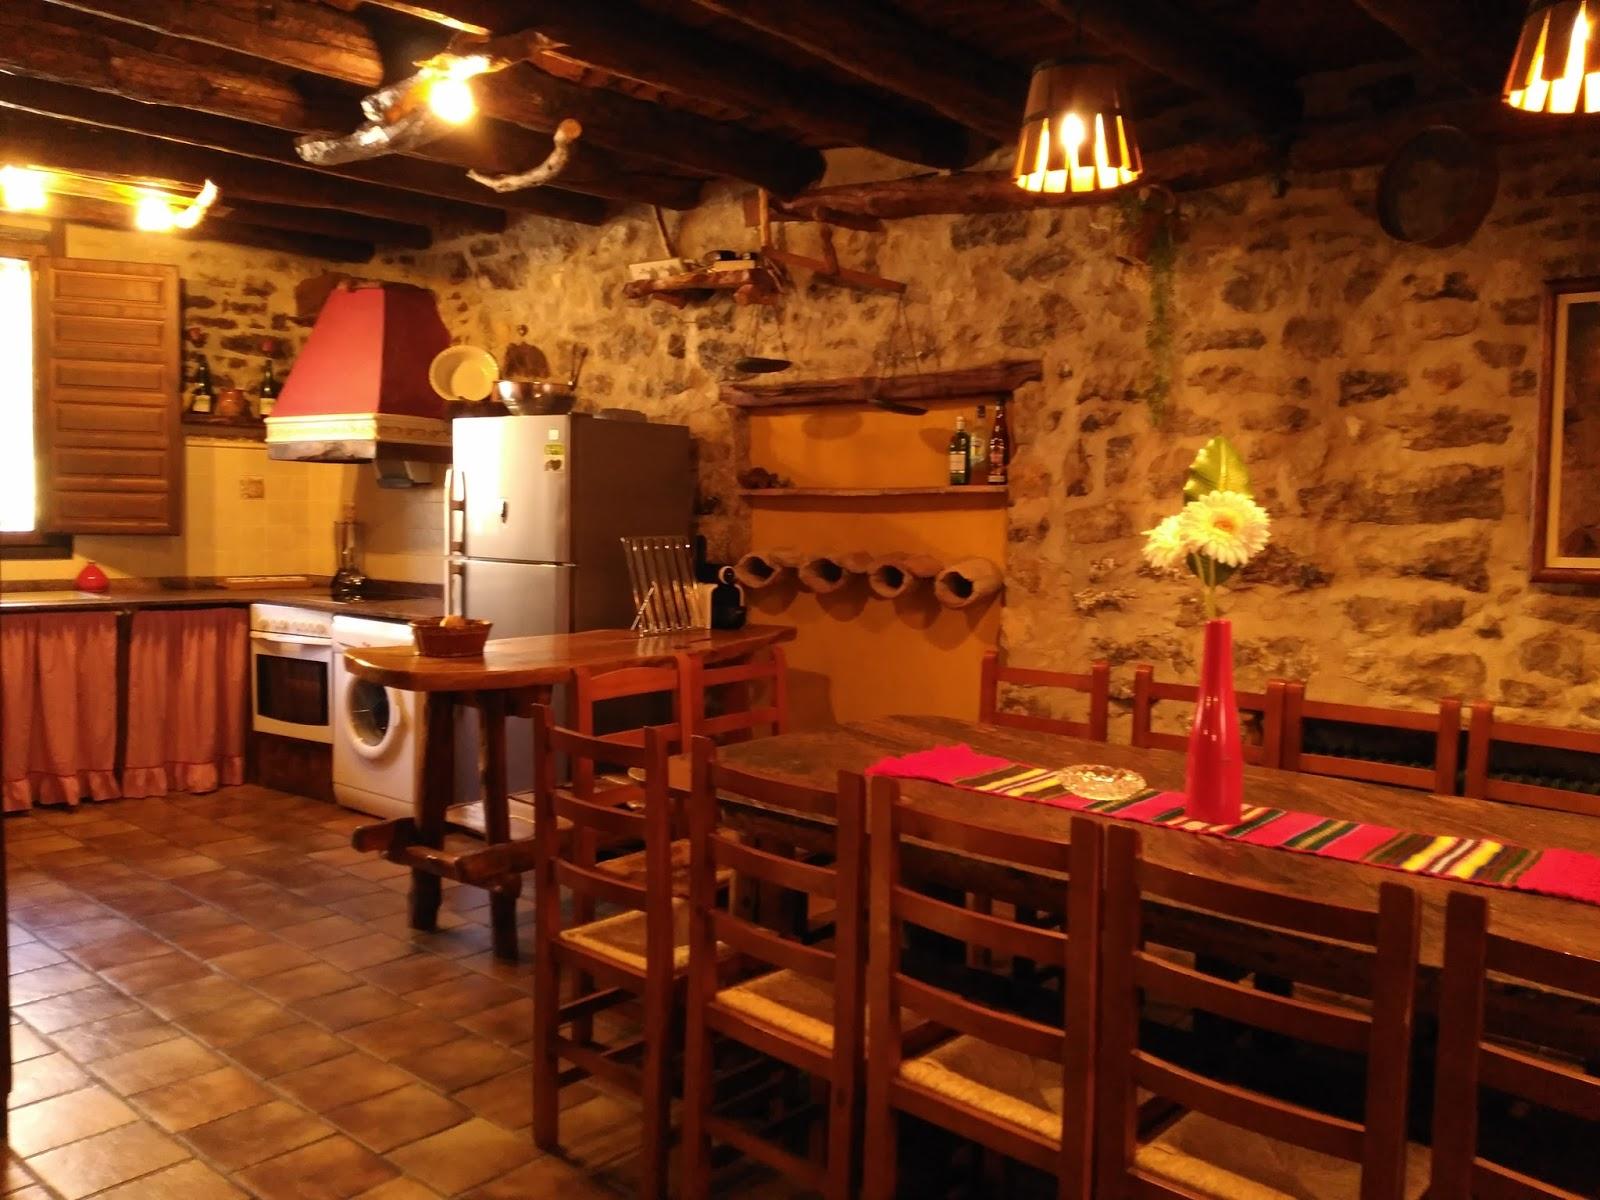 Art rustic turismo rural 3 y 4 estrellas www - Casa rurales en castellon ...